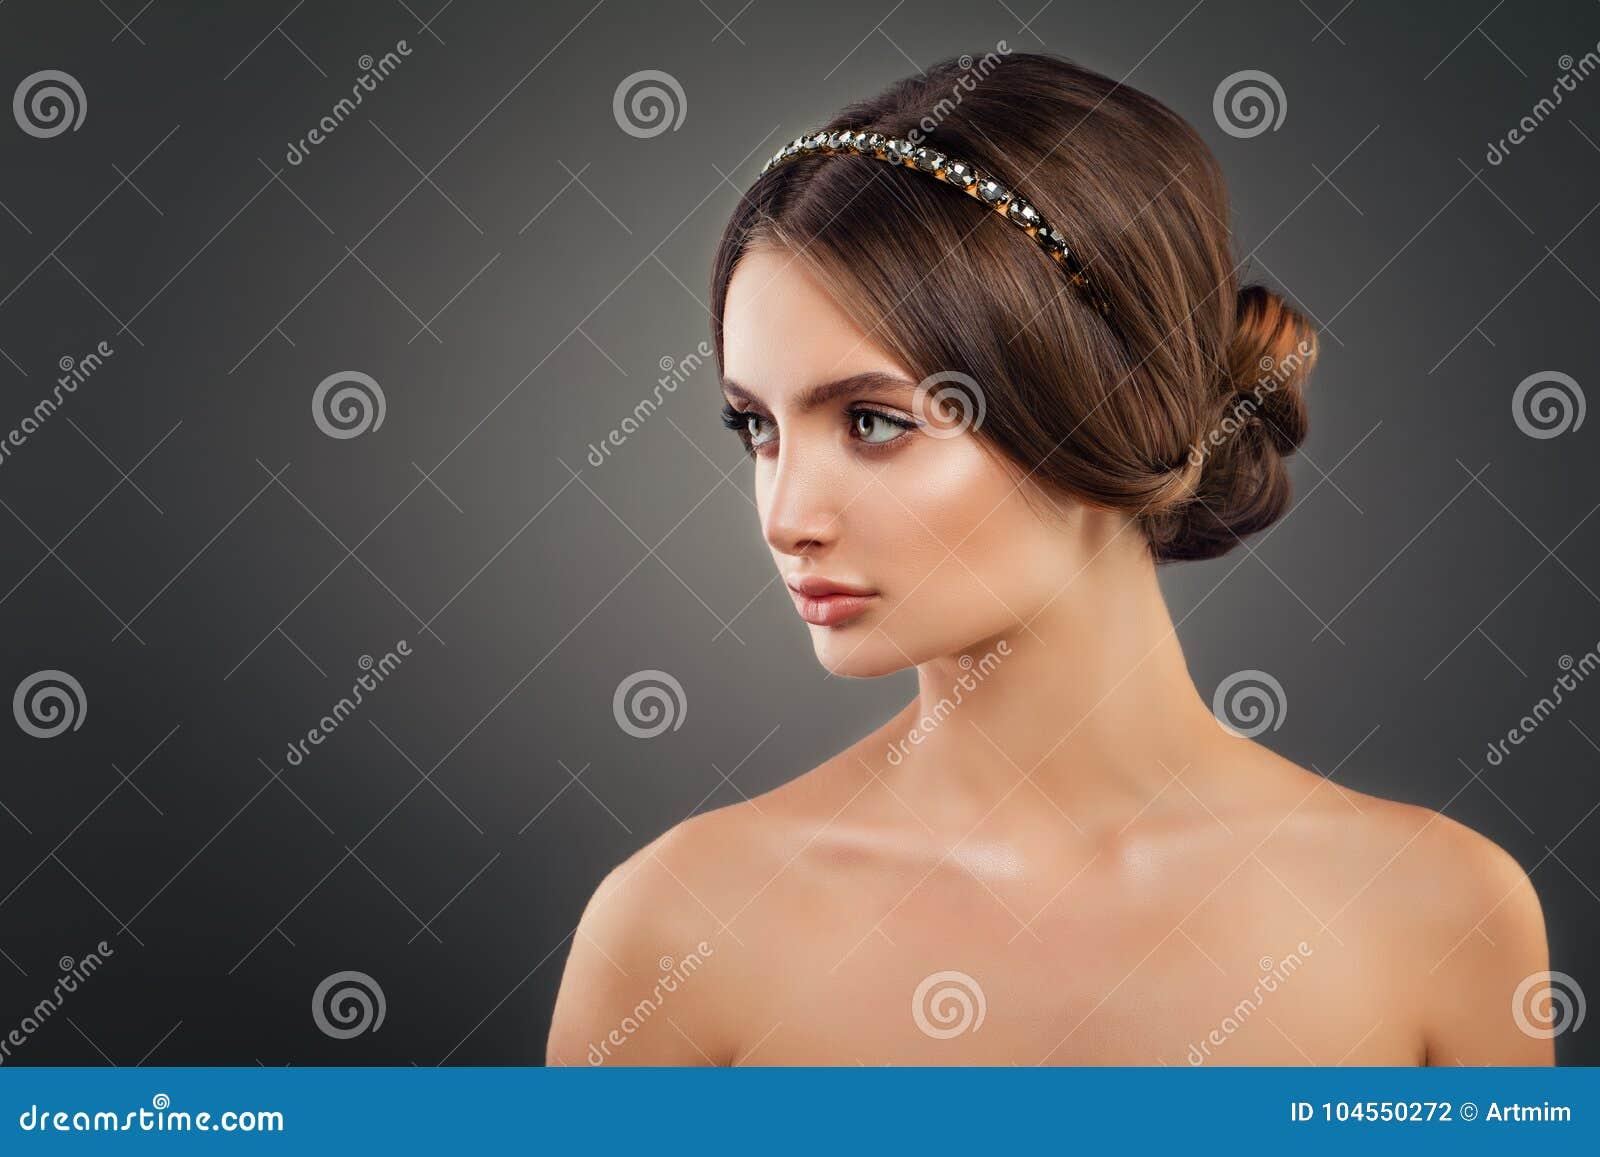 Schones Junge Frauen Mode Modell Mit Hochzeits Frisur Stockfoto